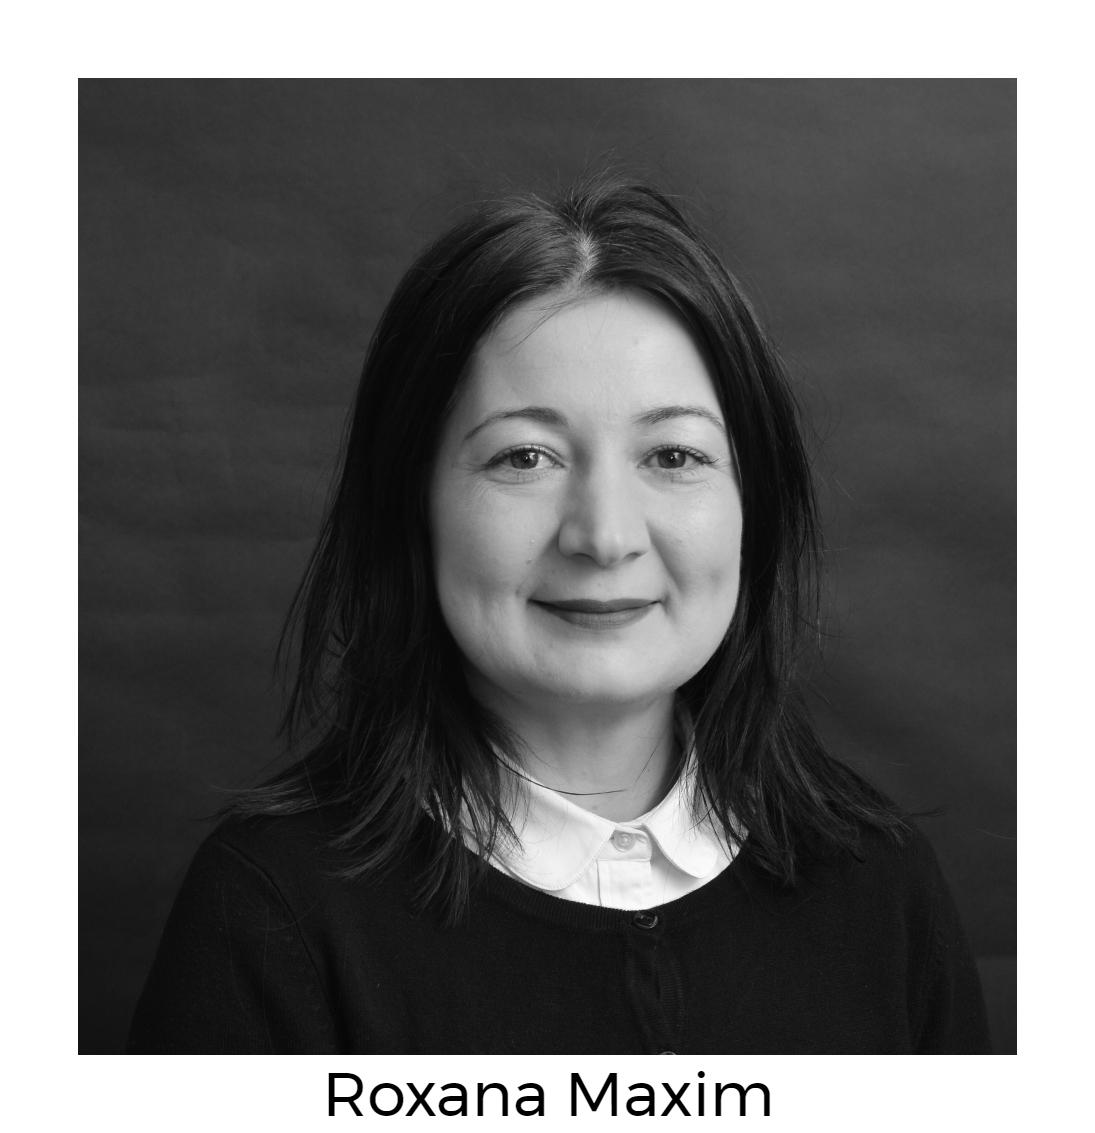 Roxana Maxim